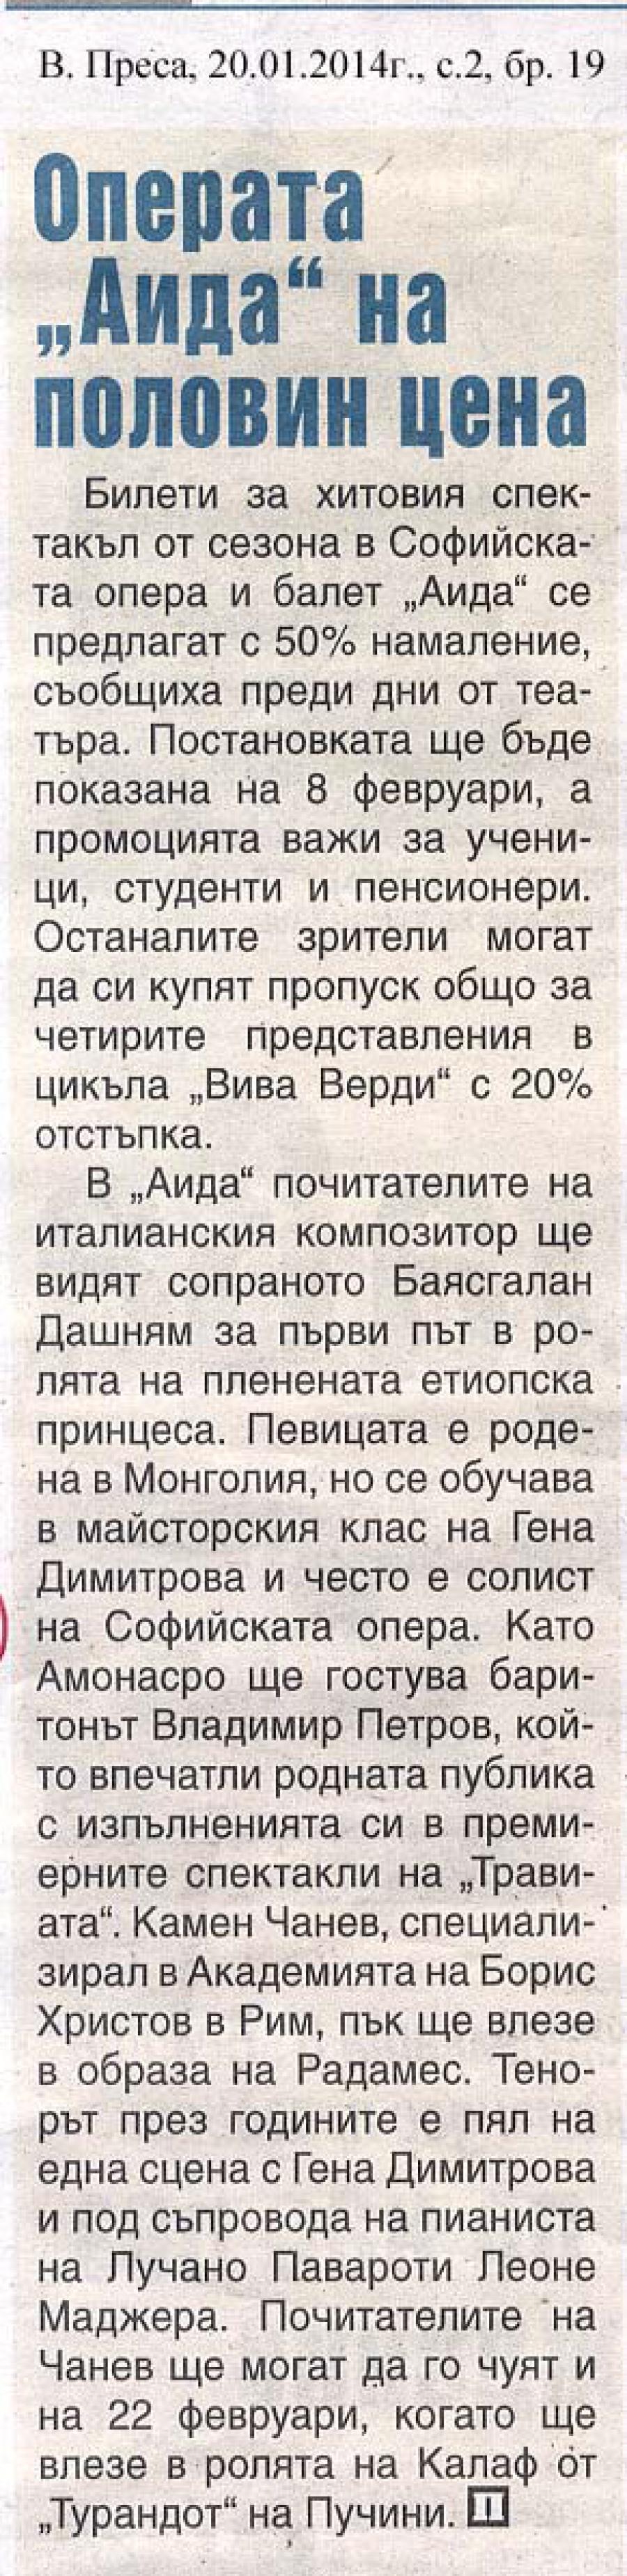 """Операта """"Аида"""" - в-к Преса,20.01.2014"""